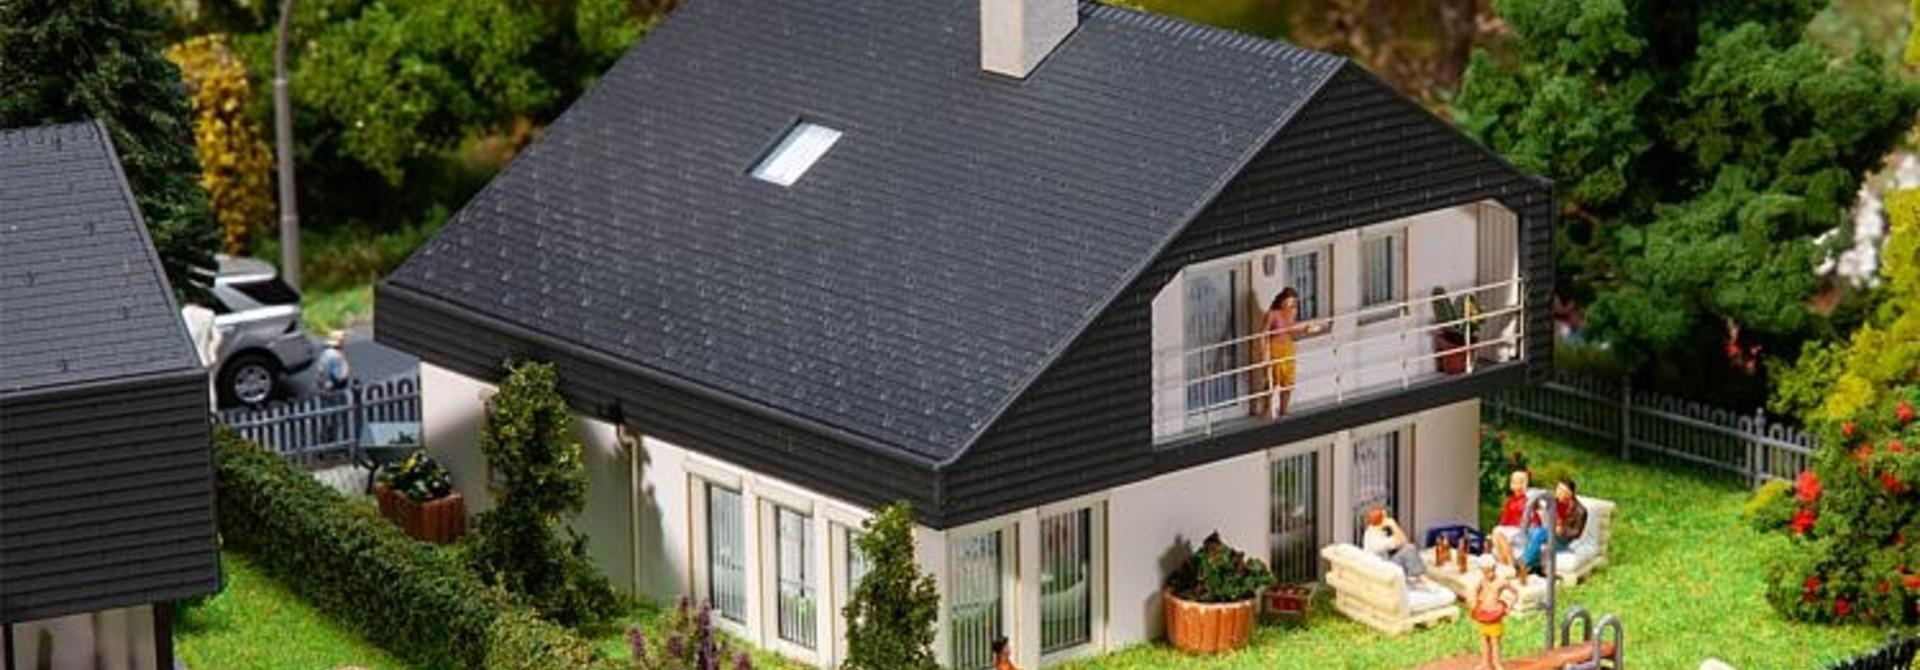 130642 Woonhuis met platen dak